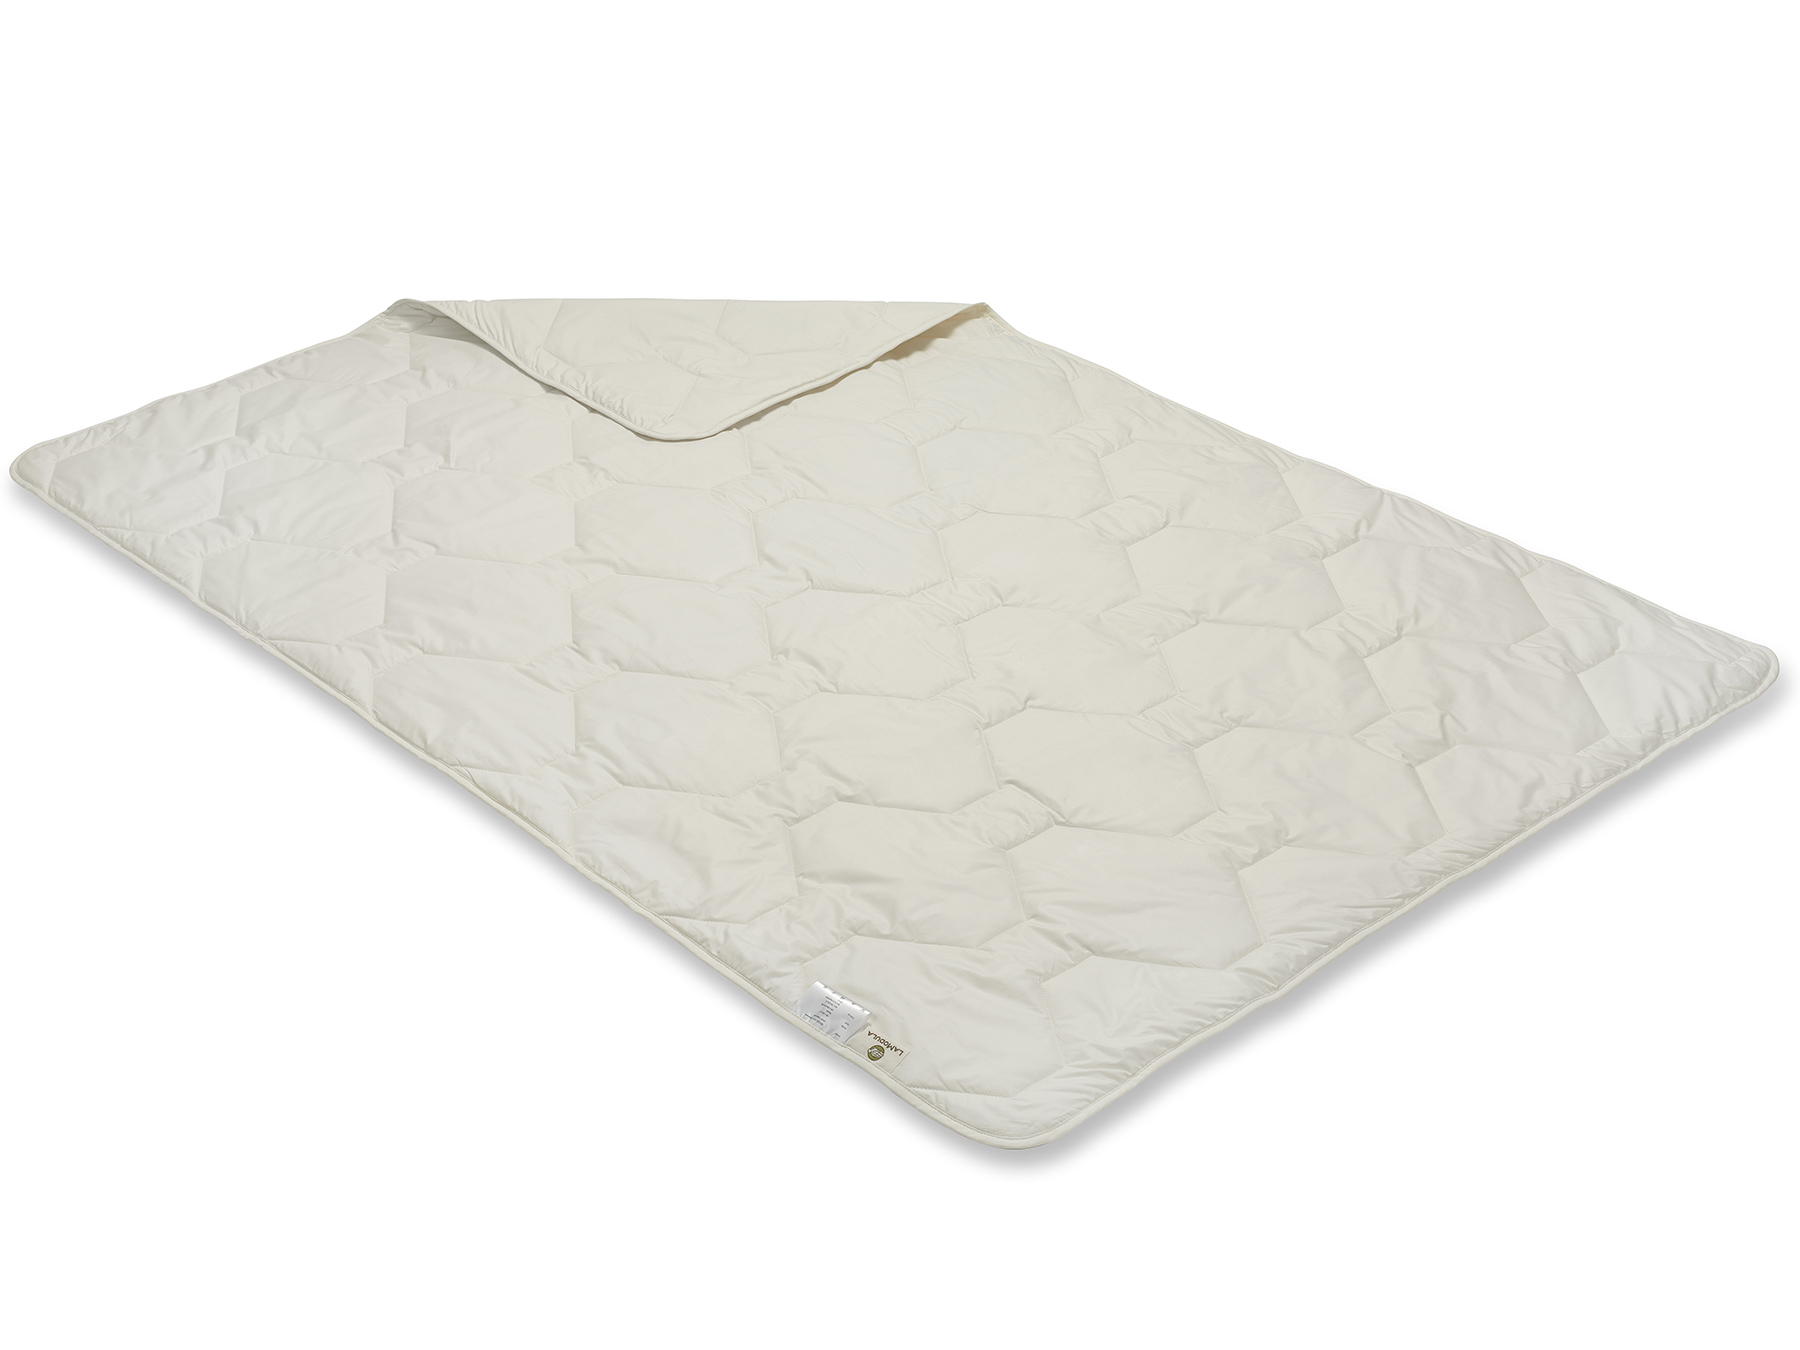 Durch die Herstellung mit Vielnadeltechnik entsteht ein gleichmäßiges Muster. Die Decke schimmert cremig.